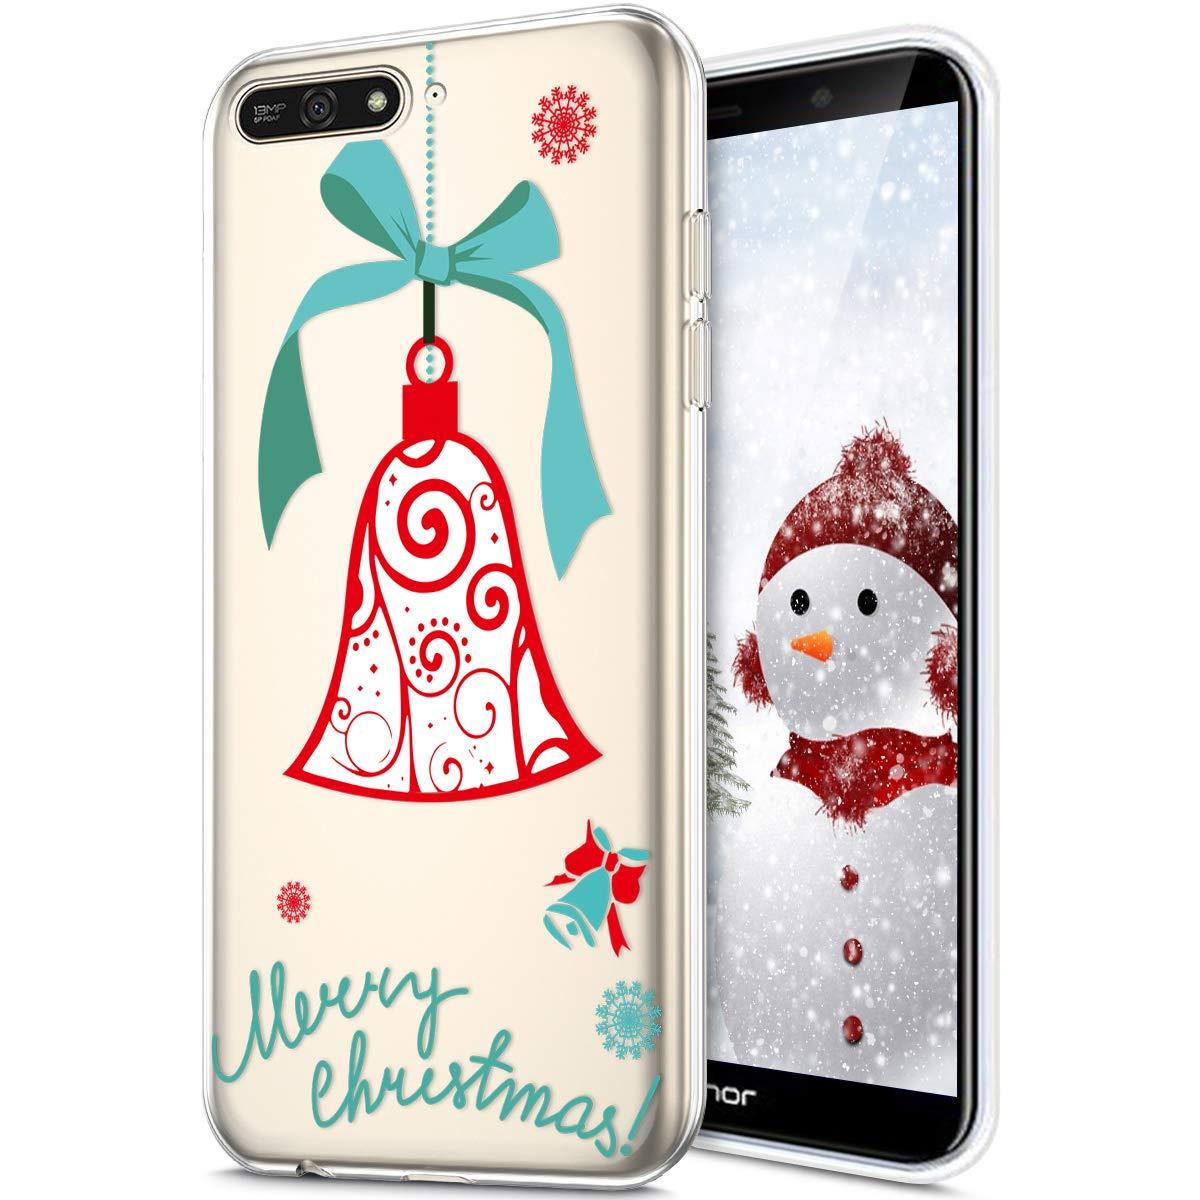 Rann.Bao Coque Huawei Y6 2018, Coque Silicone TPU Transparente Housse Crystal Souple Gel Motif Noë l Ultra-Mince de Protection Couverture Etui Coquille Etui pour Huawei Y6 2018, ChiotChiotChiot